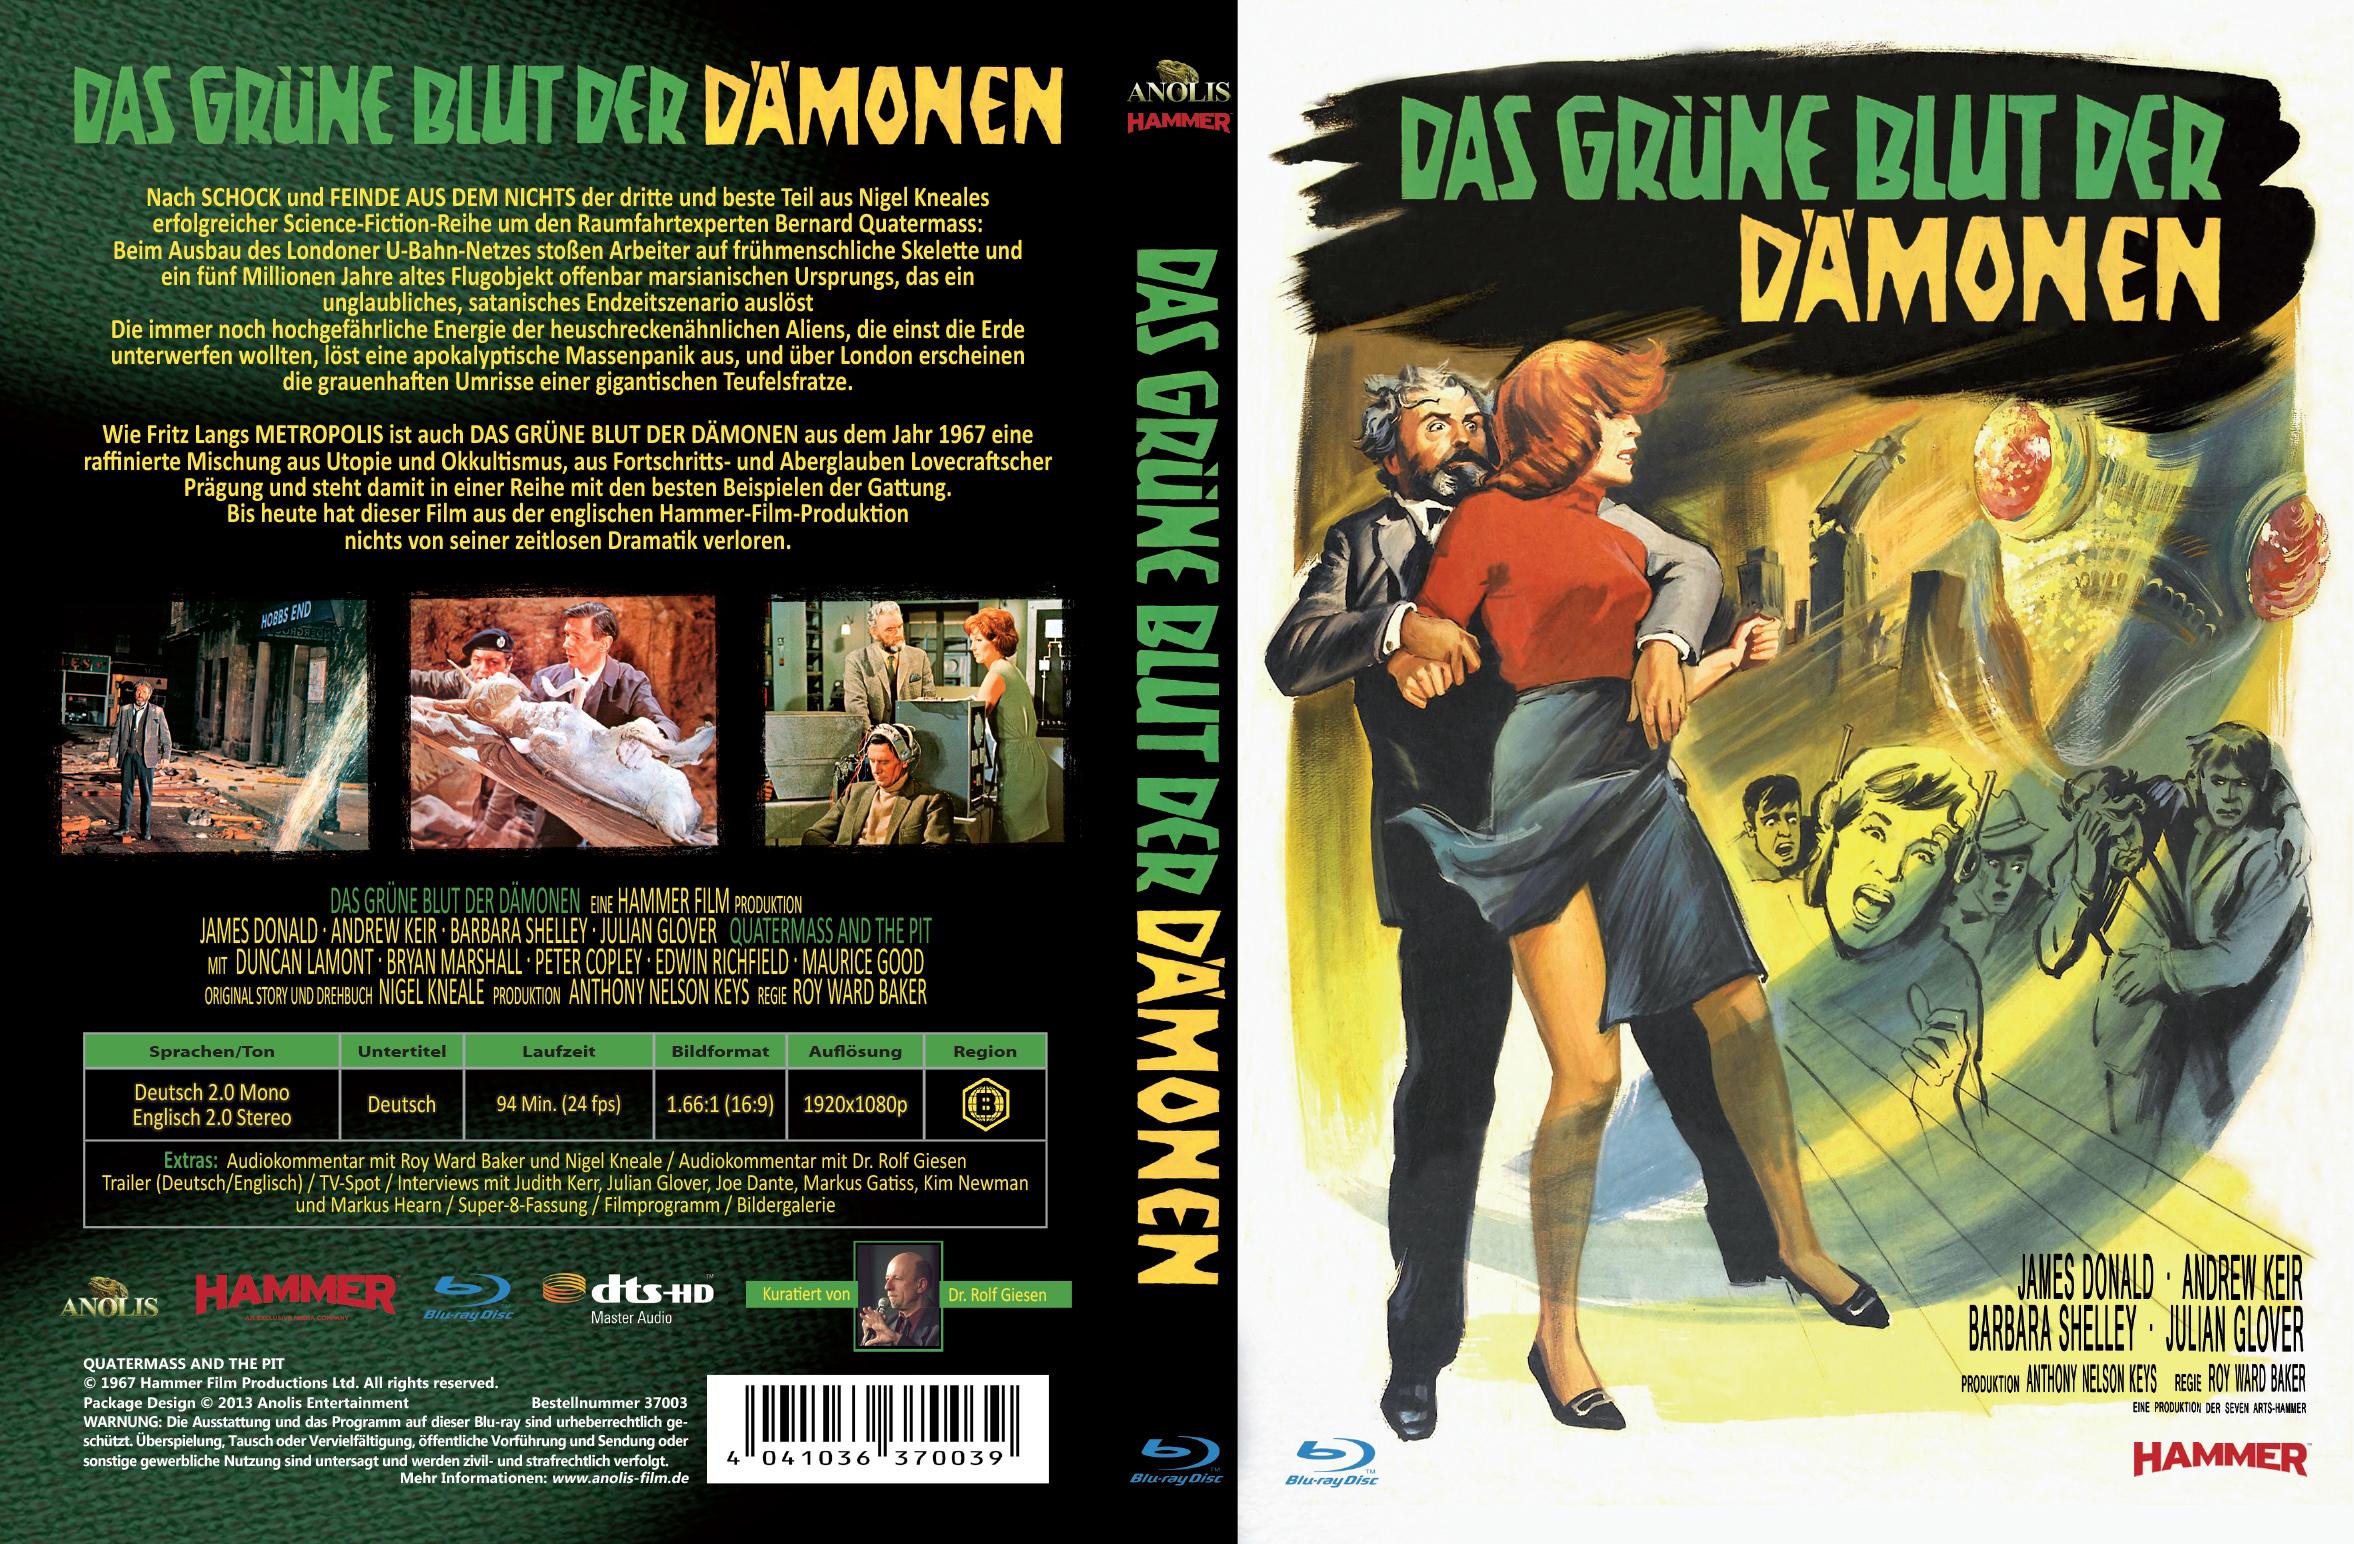 Hammer01_GrueneBlut (Mediabook Cover A)